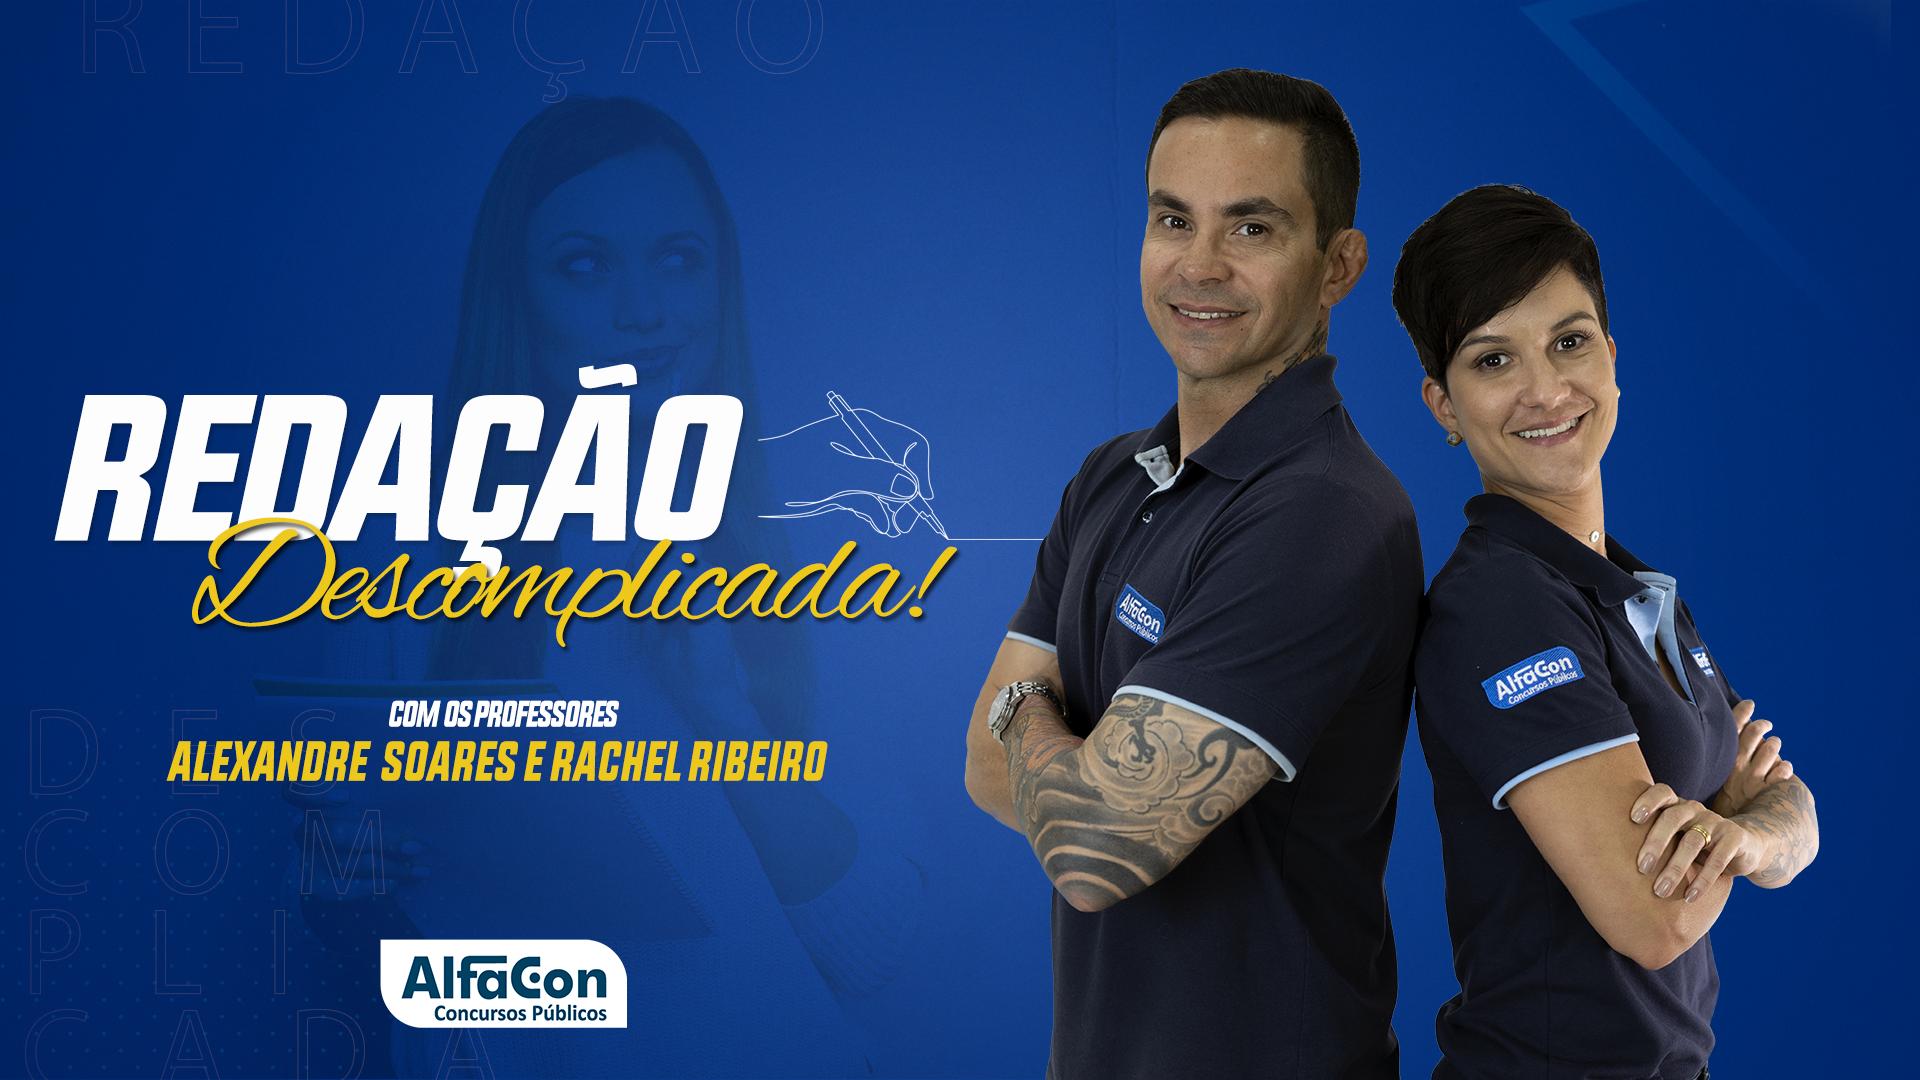 Redação Descomplicada com Rachel Ribeiro e Alexandre Soares